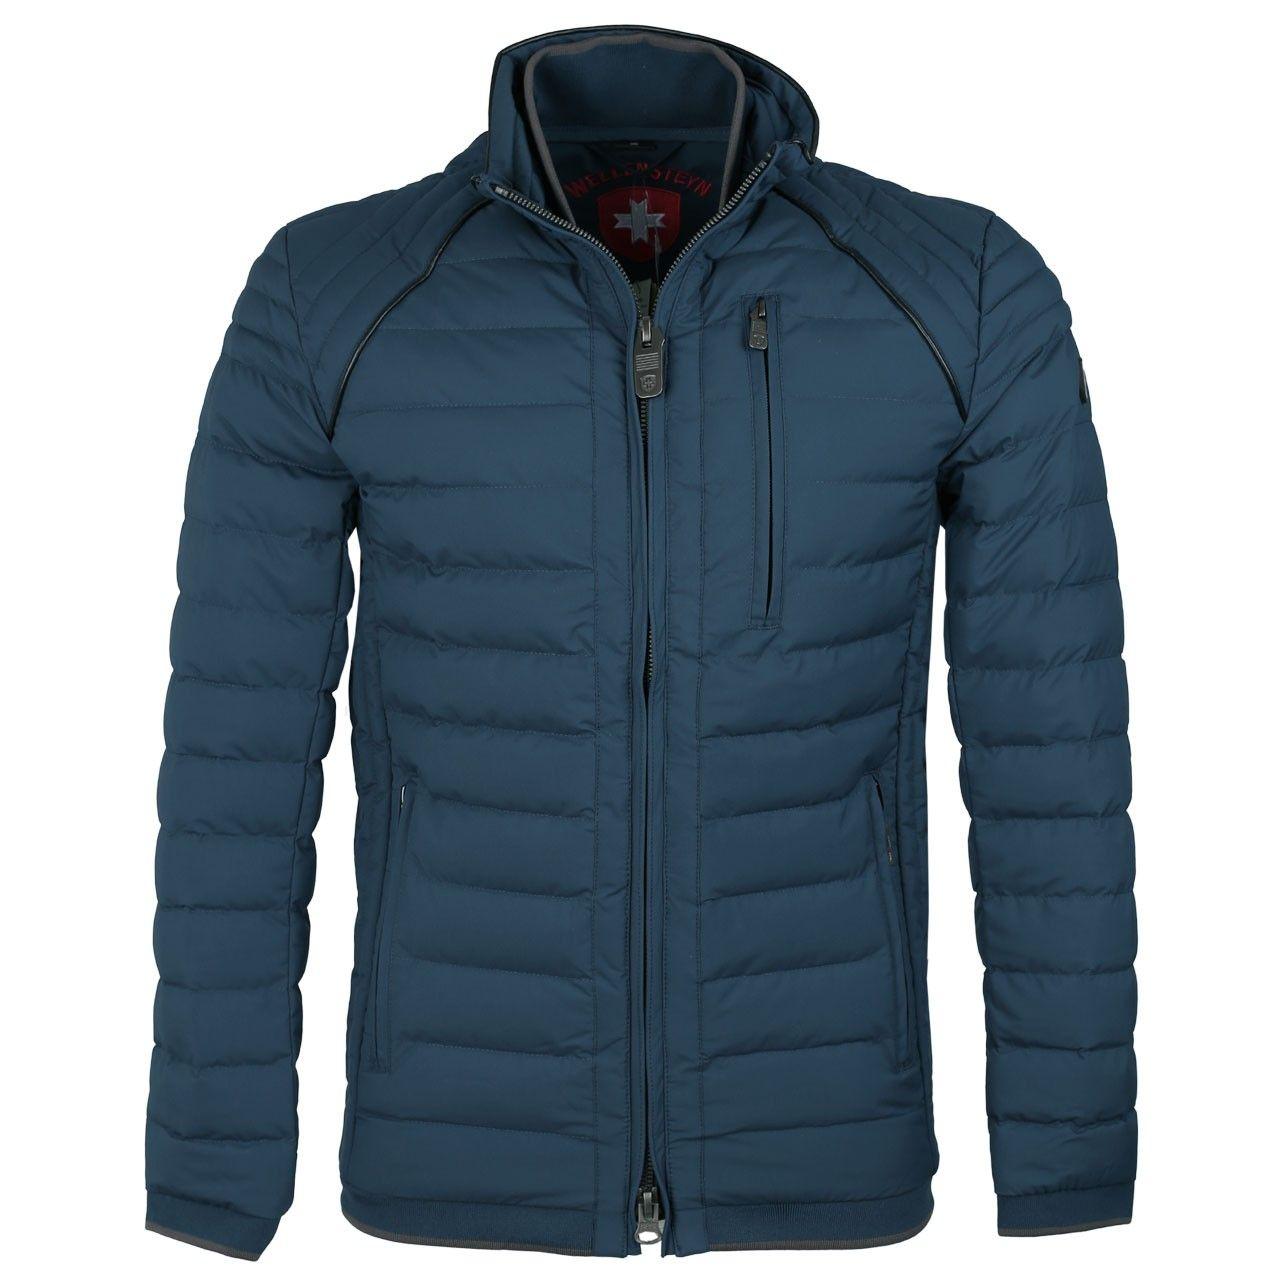 Wellensteyn Molecule Men Herren Jacke Petrol 04048545223573 Kategorie Herren Bekleidungjacken Wellensteyn Herren Jacke In Fashion Jackets Winter Jackets